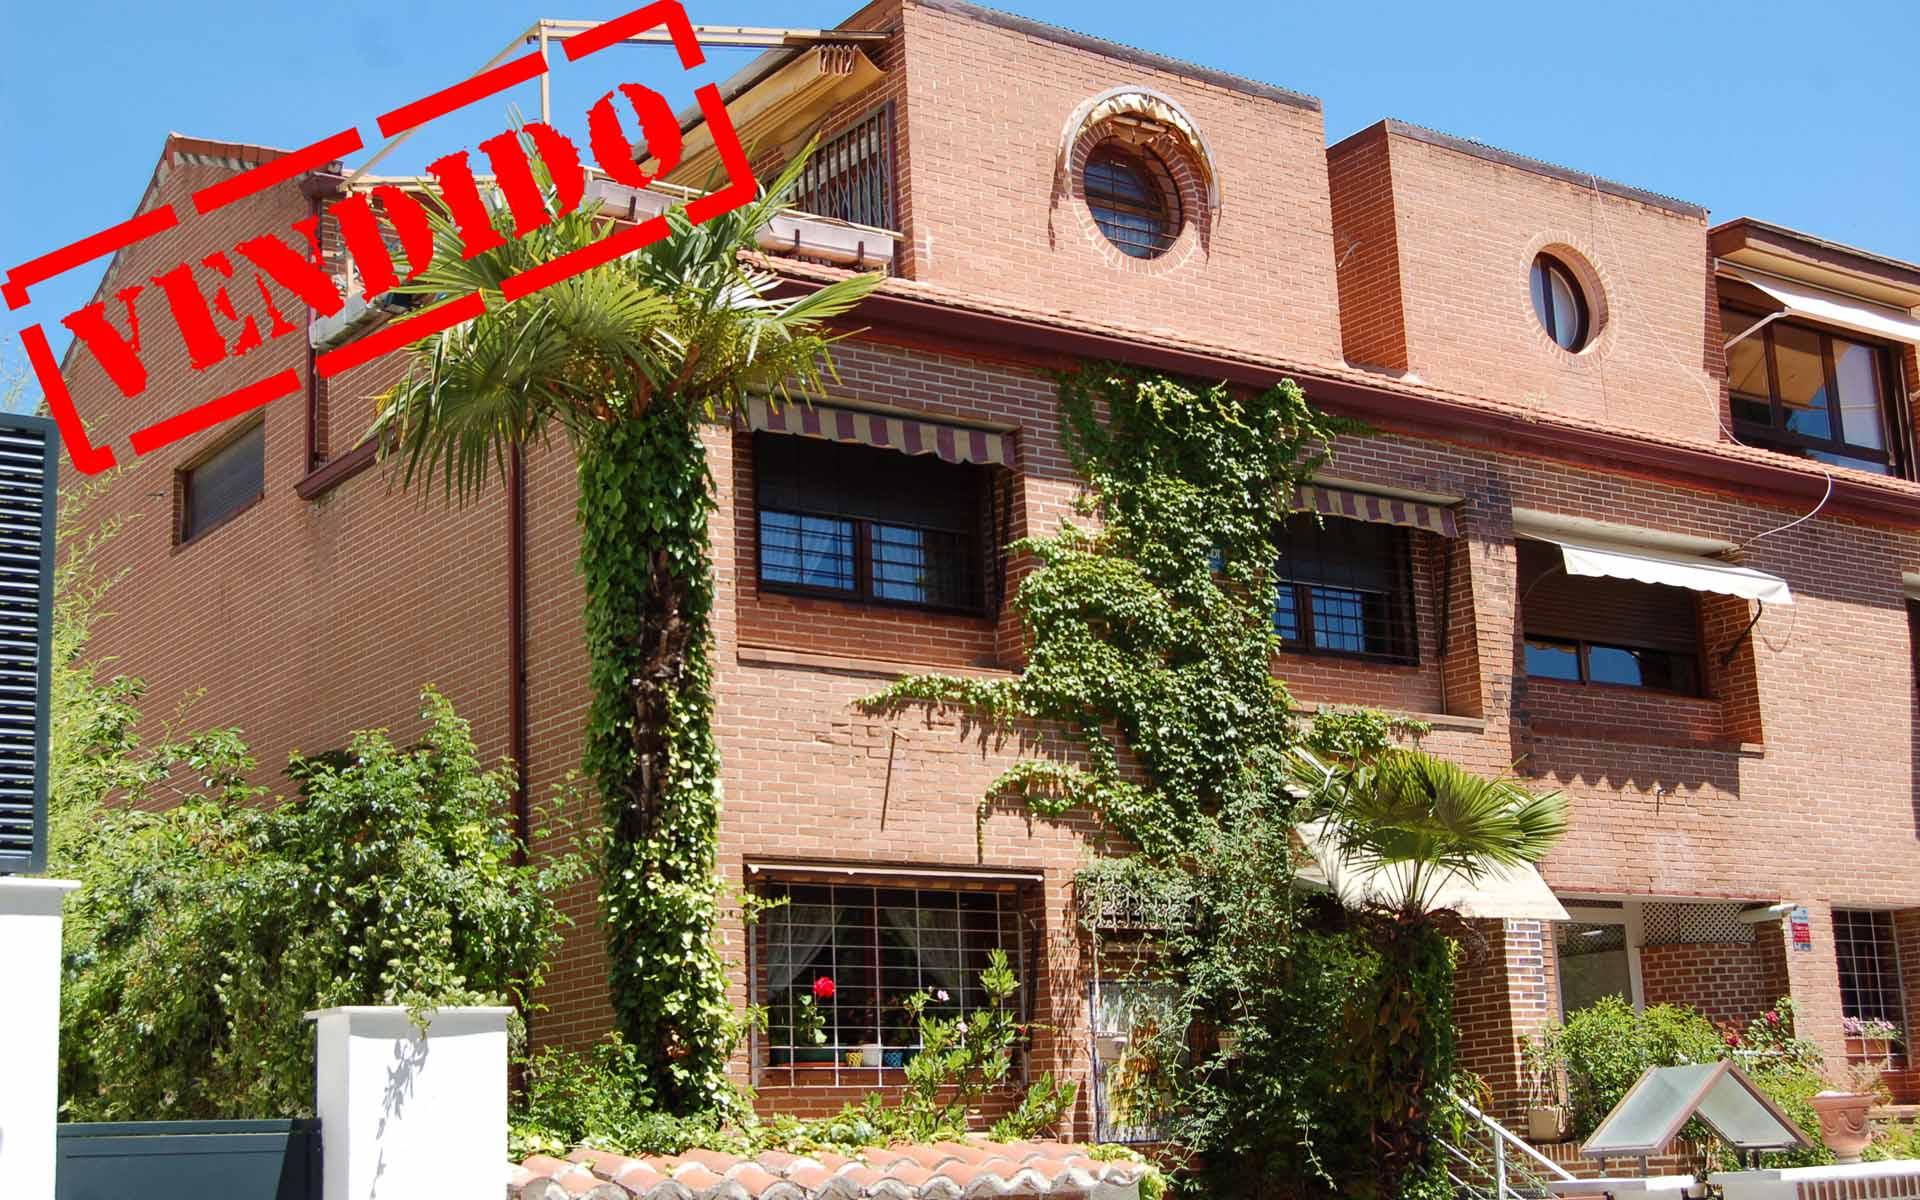 Chalet en Arturo Soria vendido